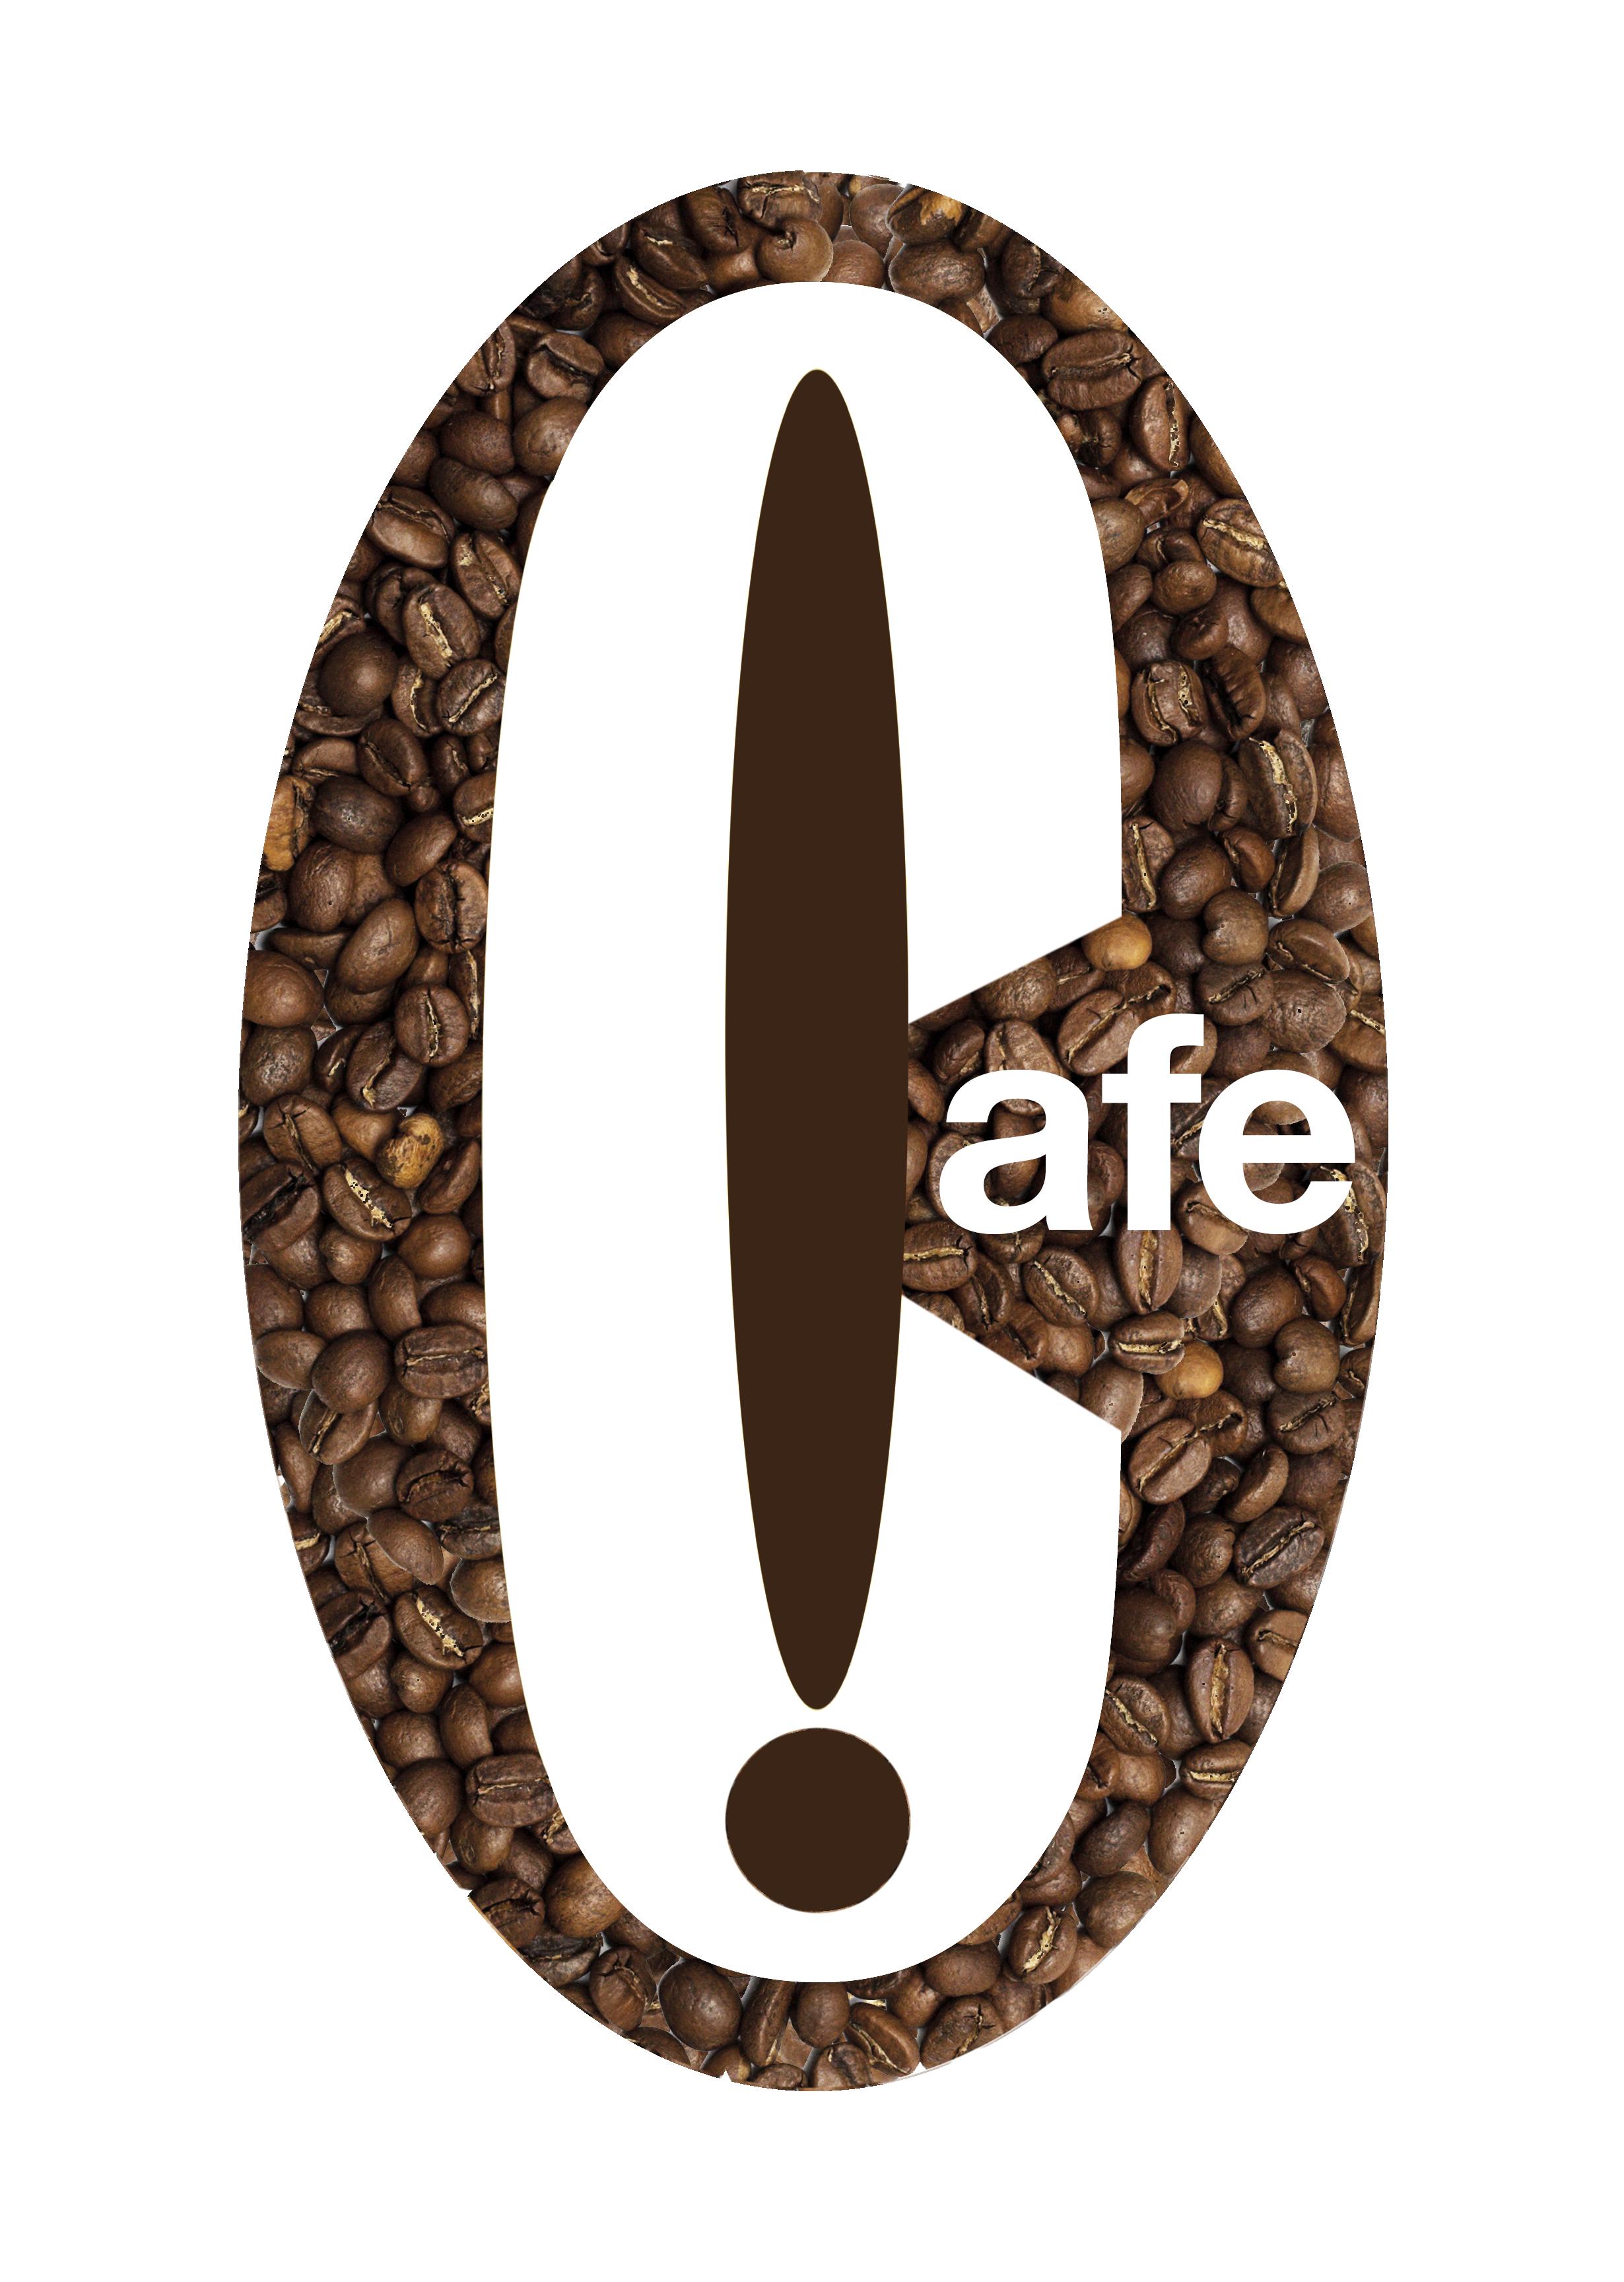 oCafe_logo.png